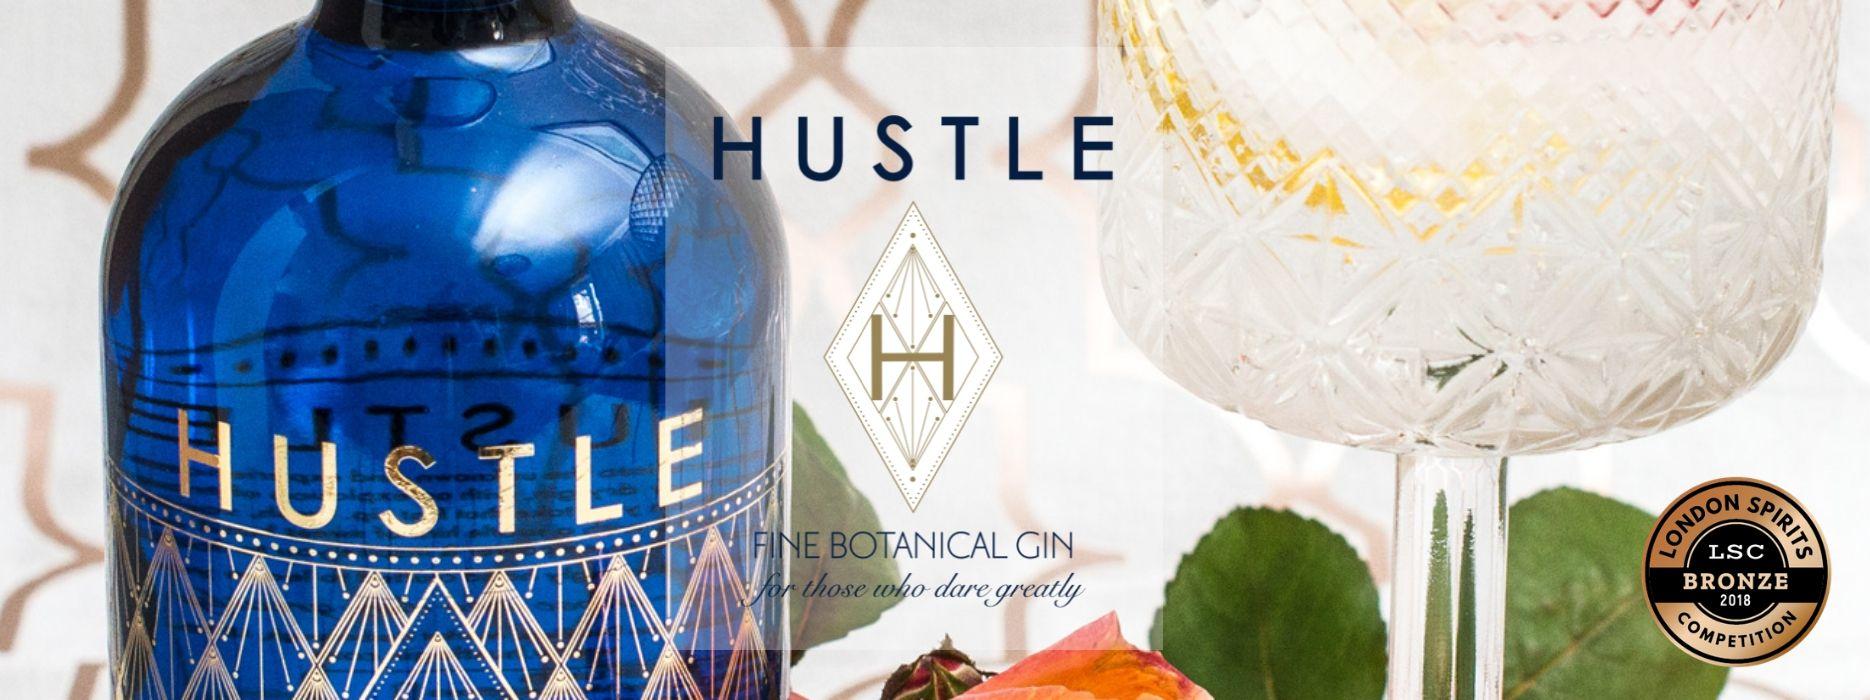 Hustle Fine Botanical Gin